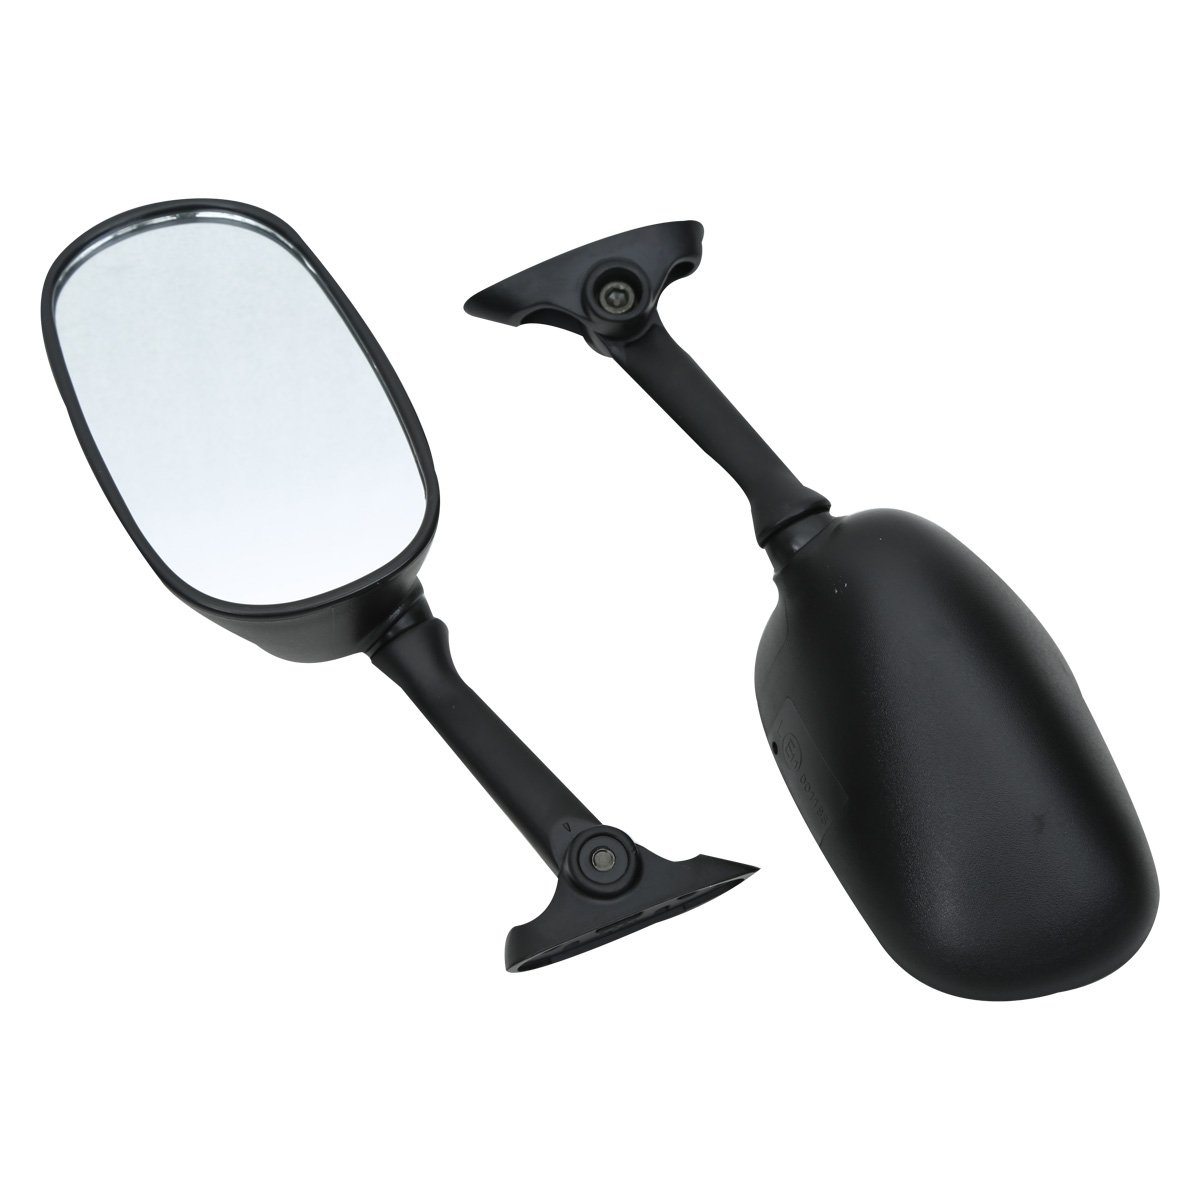 Rear View Mirror For SUZUKI GSXR1000 2003-2004,GSXR 600 GSX-R750 2004-2005,SV1000 SV1000S 2003-2006,SV650 SV650S 2003-2009,GSX650F 2008-2012,BANDIT GSF650S 2005-2011,BANDIT GSF1250S GSX1250 2007-2009